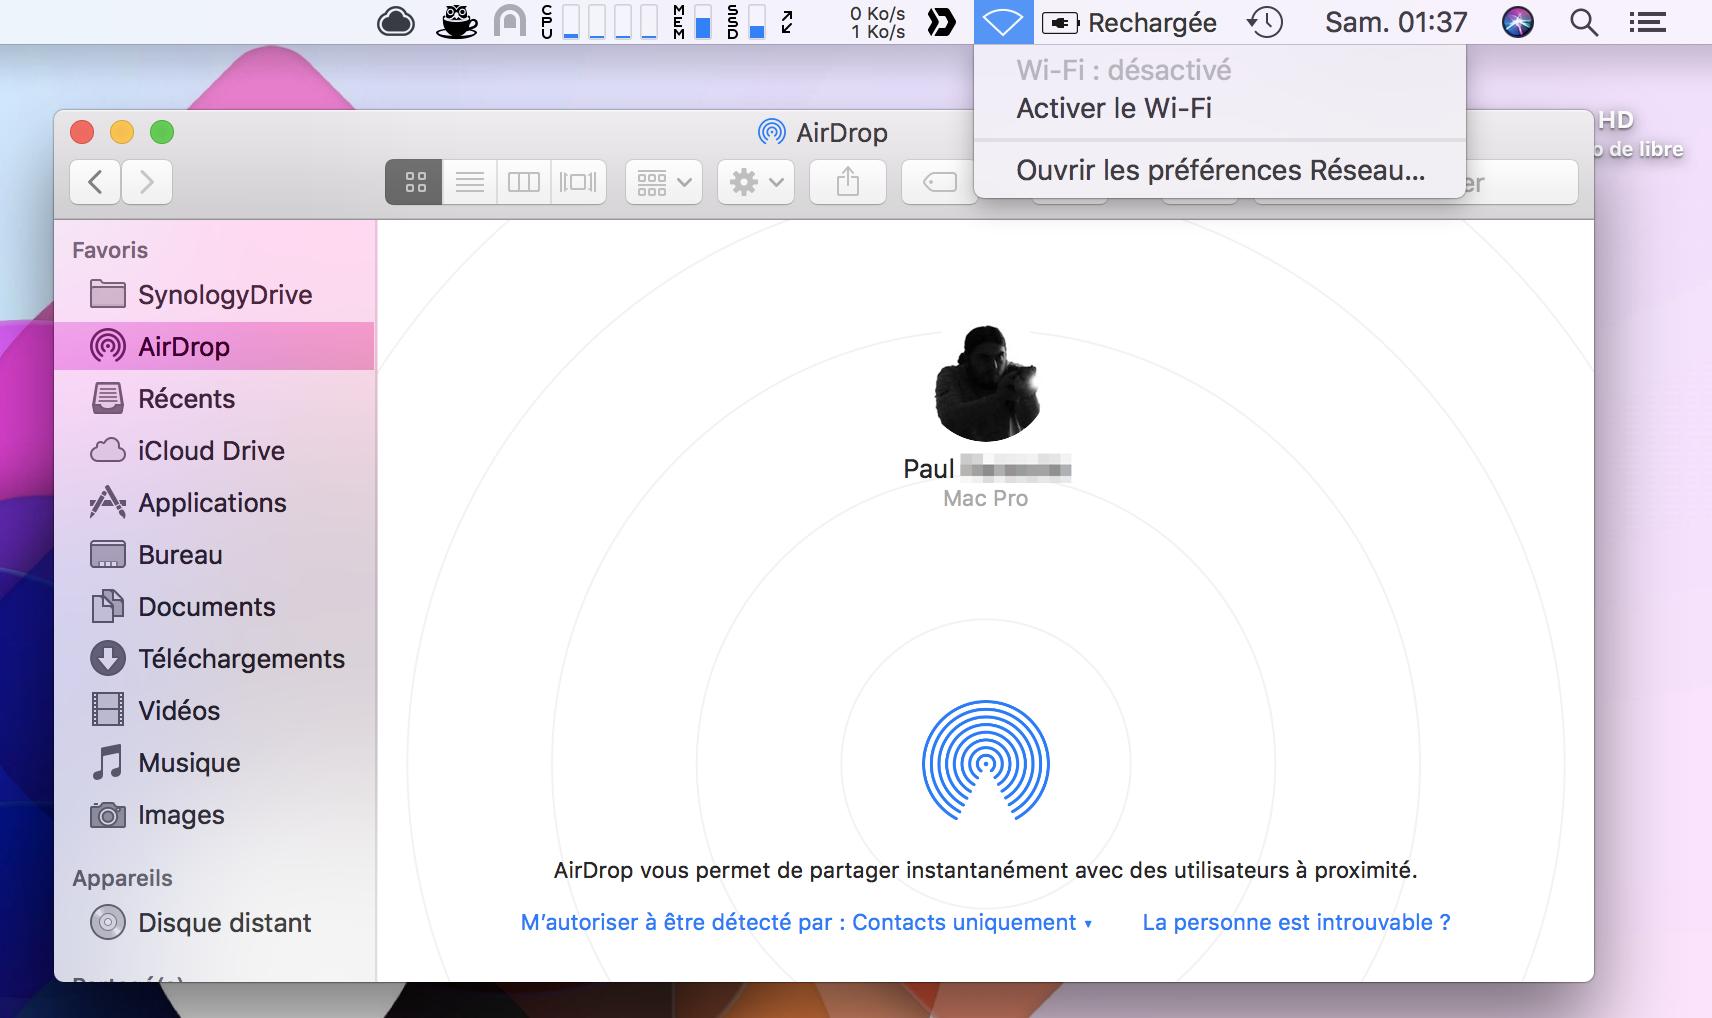 macOS : Utiliser AirDrop en Ethernet